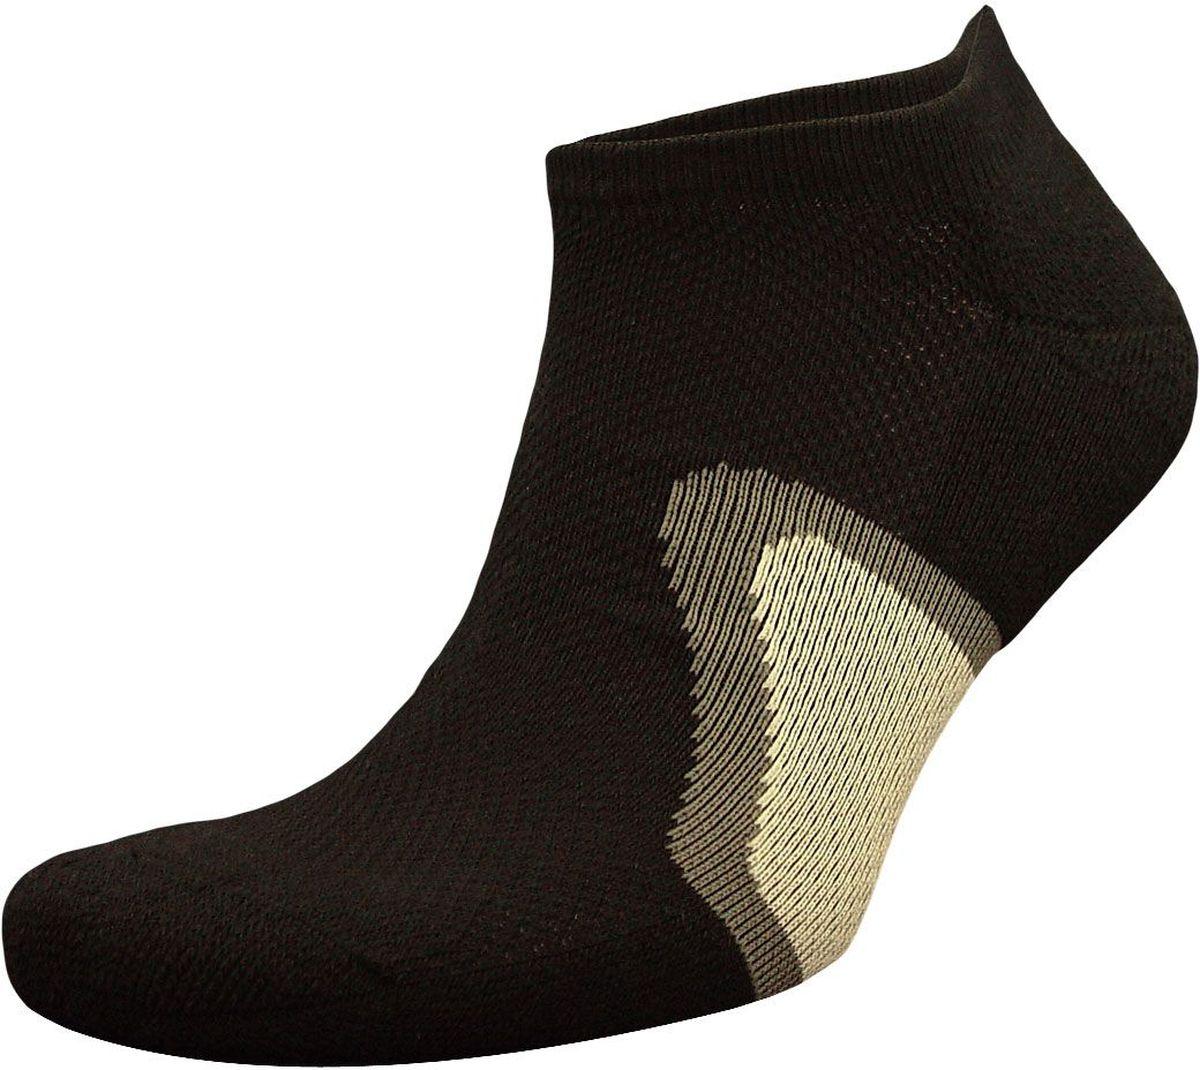 Носки мужские Гранд, цвет: черный, 2 пары. ZC46. Размер 27ZC46Мужские носки из высококачественного хлопка для занятий спортом:- сделаны из натурального волокна с уникальной терморегуляцией;- бесшовная технология (кеттельный, плоский шов);- после стирки не меняют цвет;- усиленны пятка и мысок для повышенной износостойкости;- функция отвода влаги позволяет сохранить ноги сухими;- благодаря свойствам эластана, не теряют первоначальный вид;Носки произведены по европейским стандартам на современный вязальных автоматах.